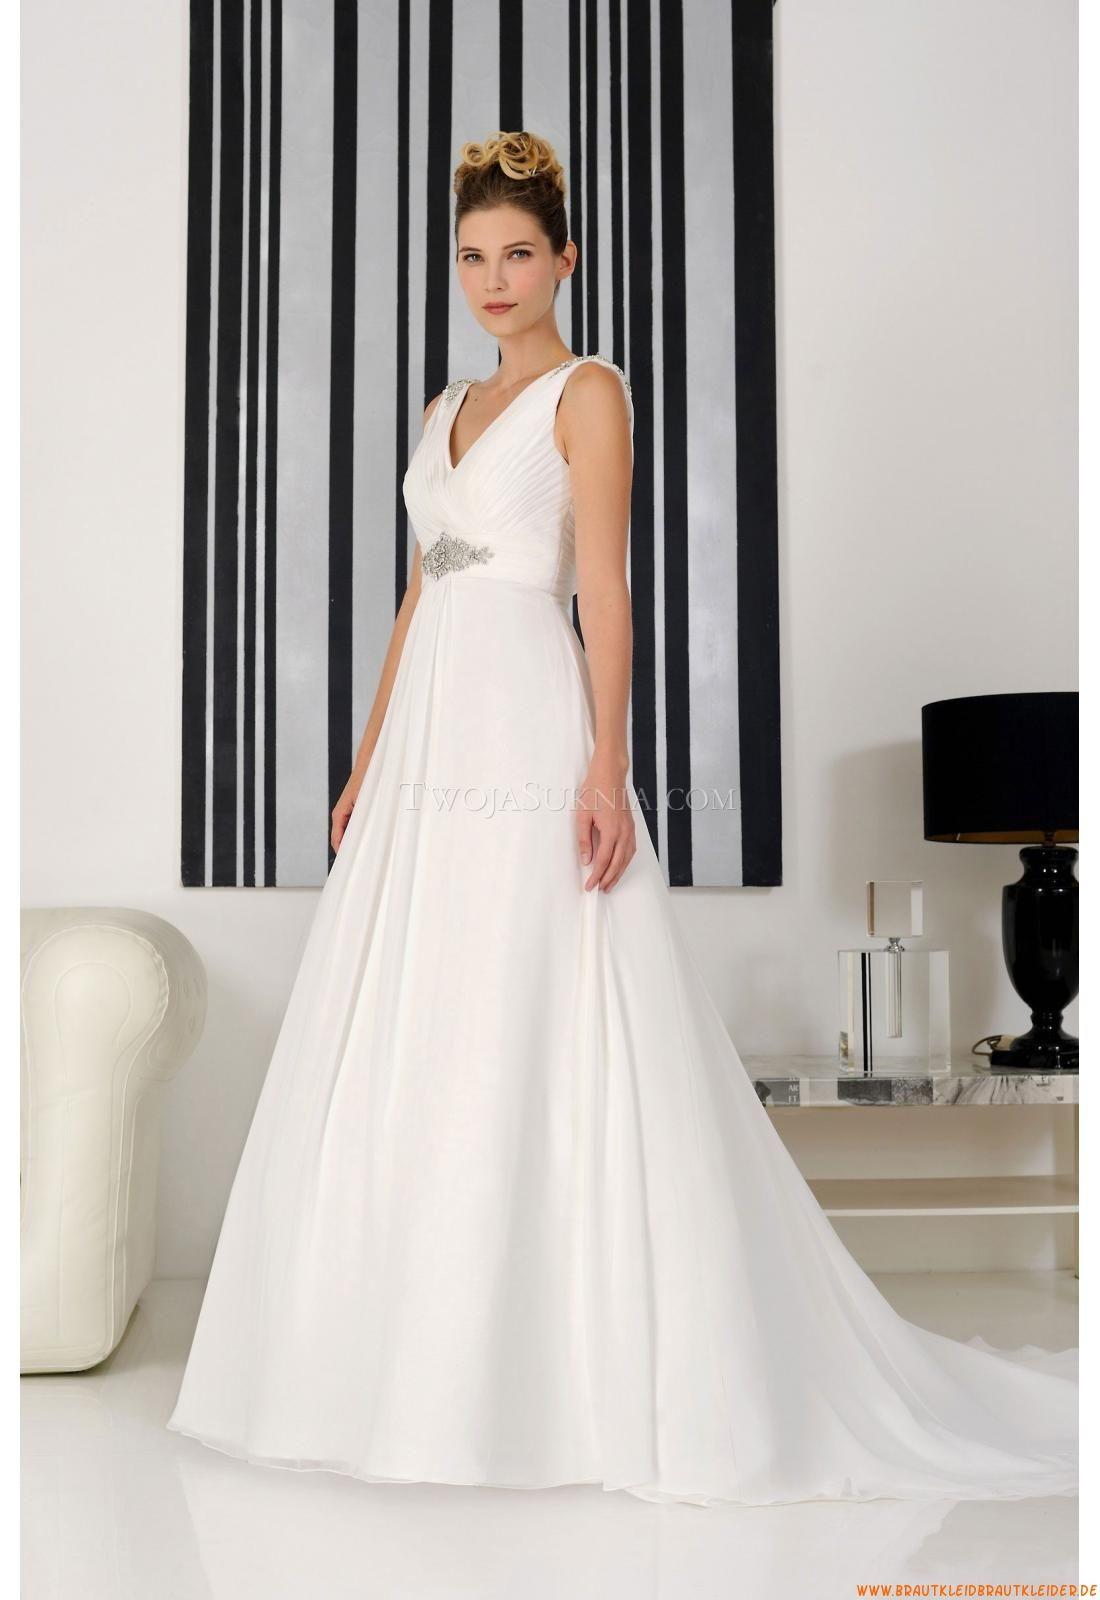 Charmant Usa Brautkleider Online Zeitgenössisch - Hochzeit Kleid ...